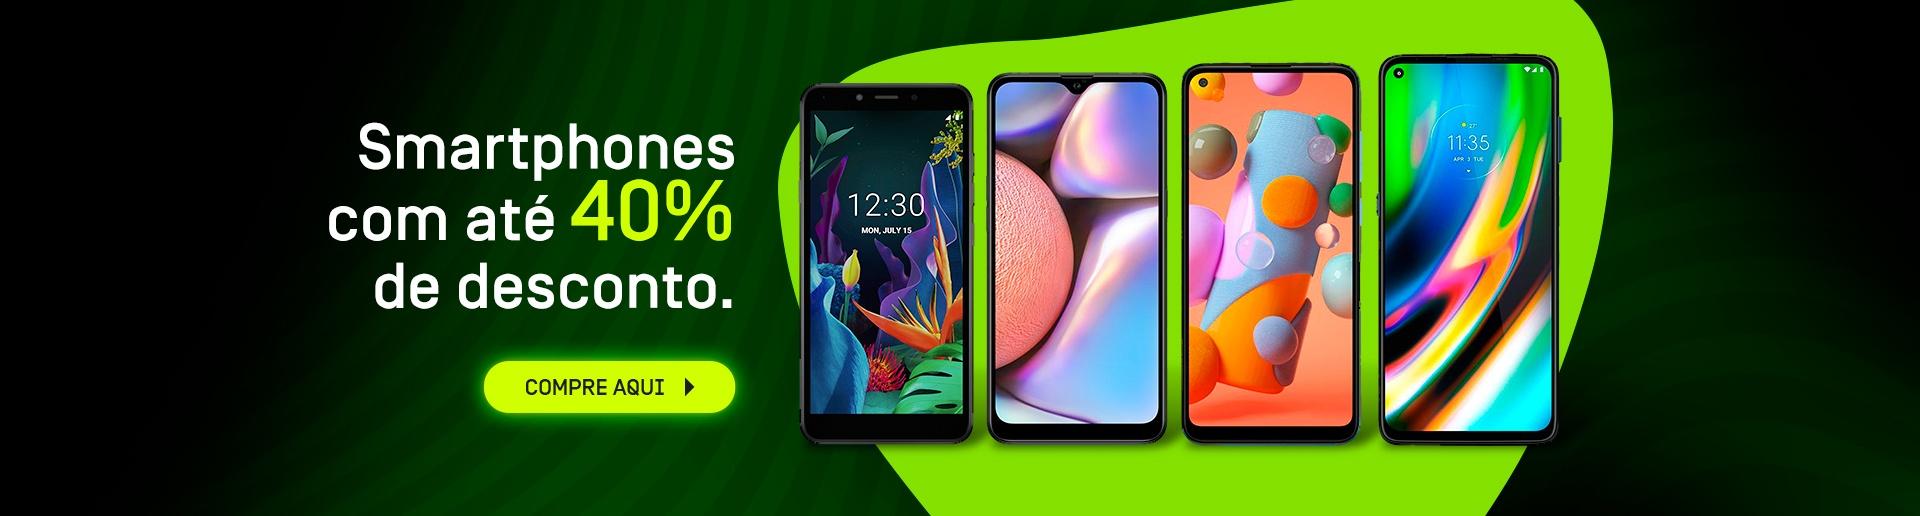 smartphones com até 40% de Desconto